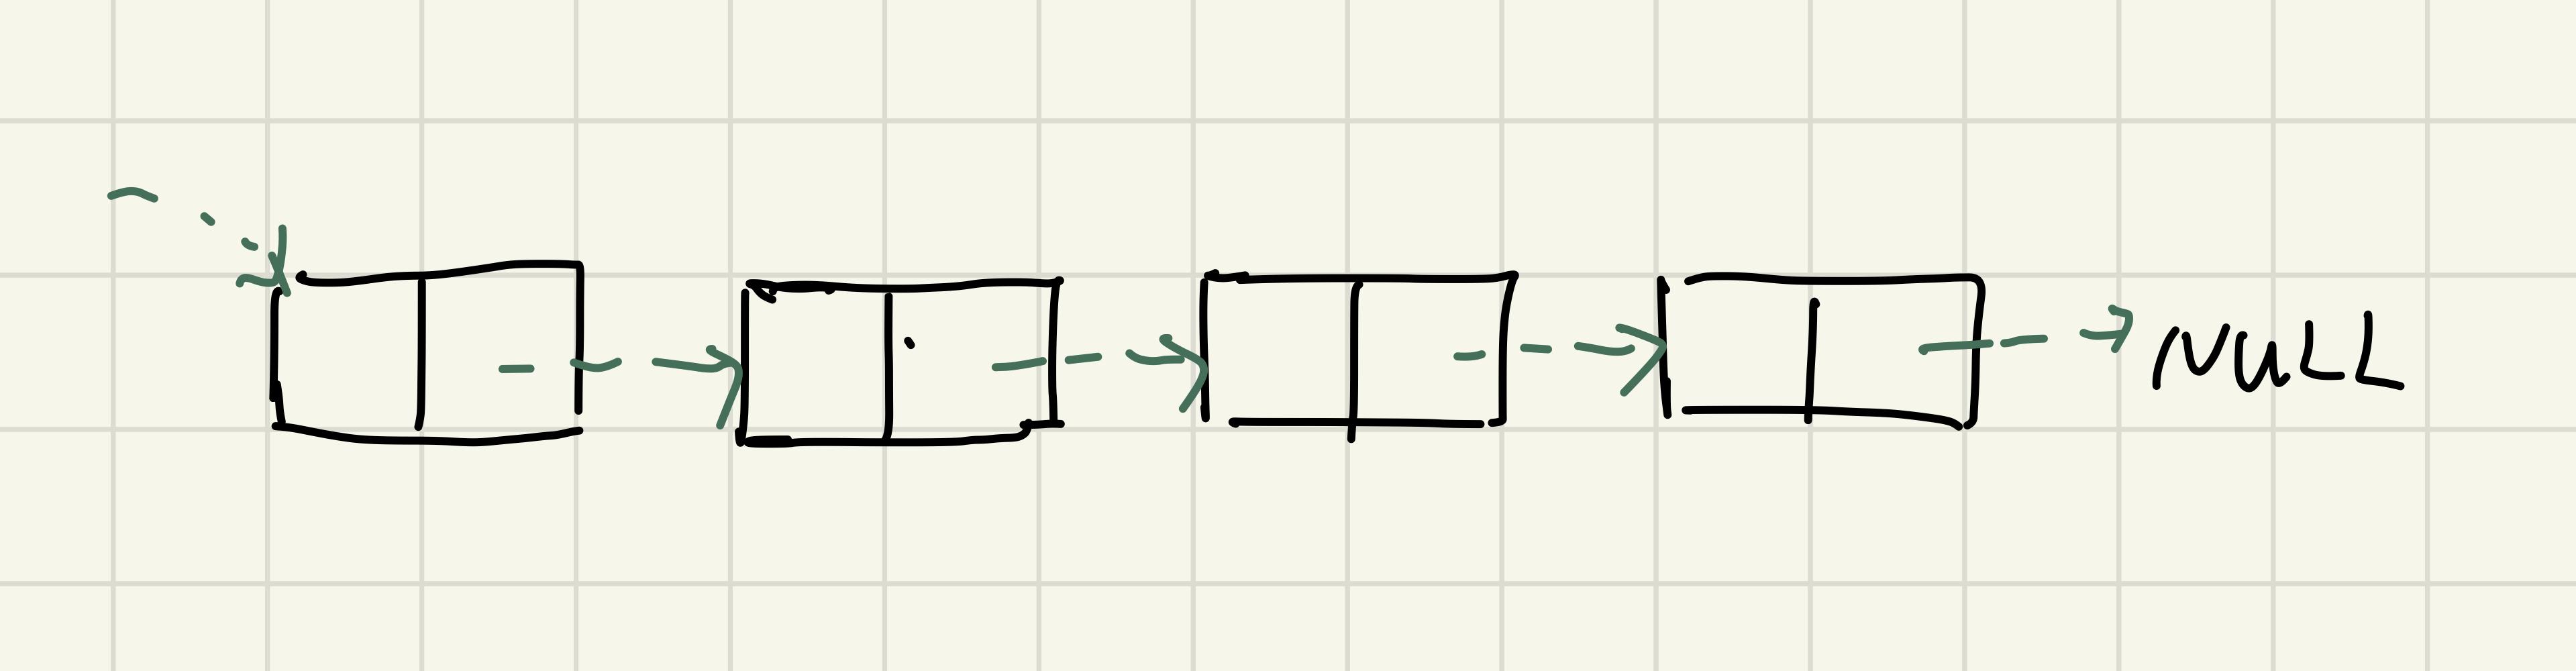 用C语言实现单链表操作